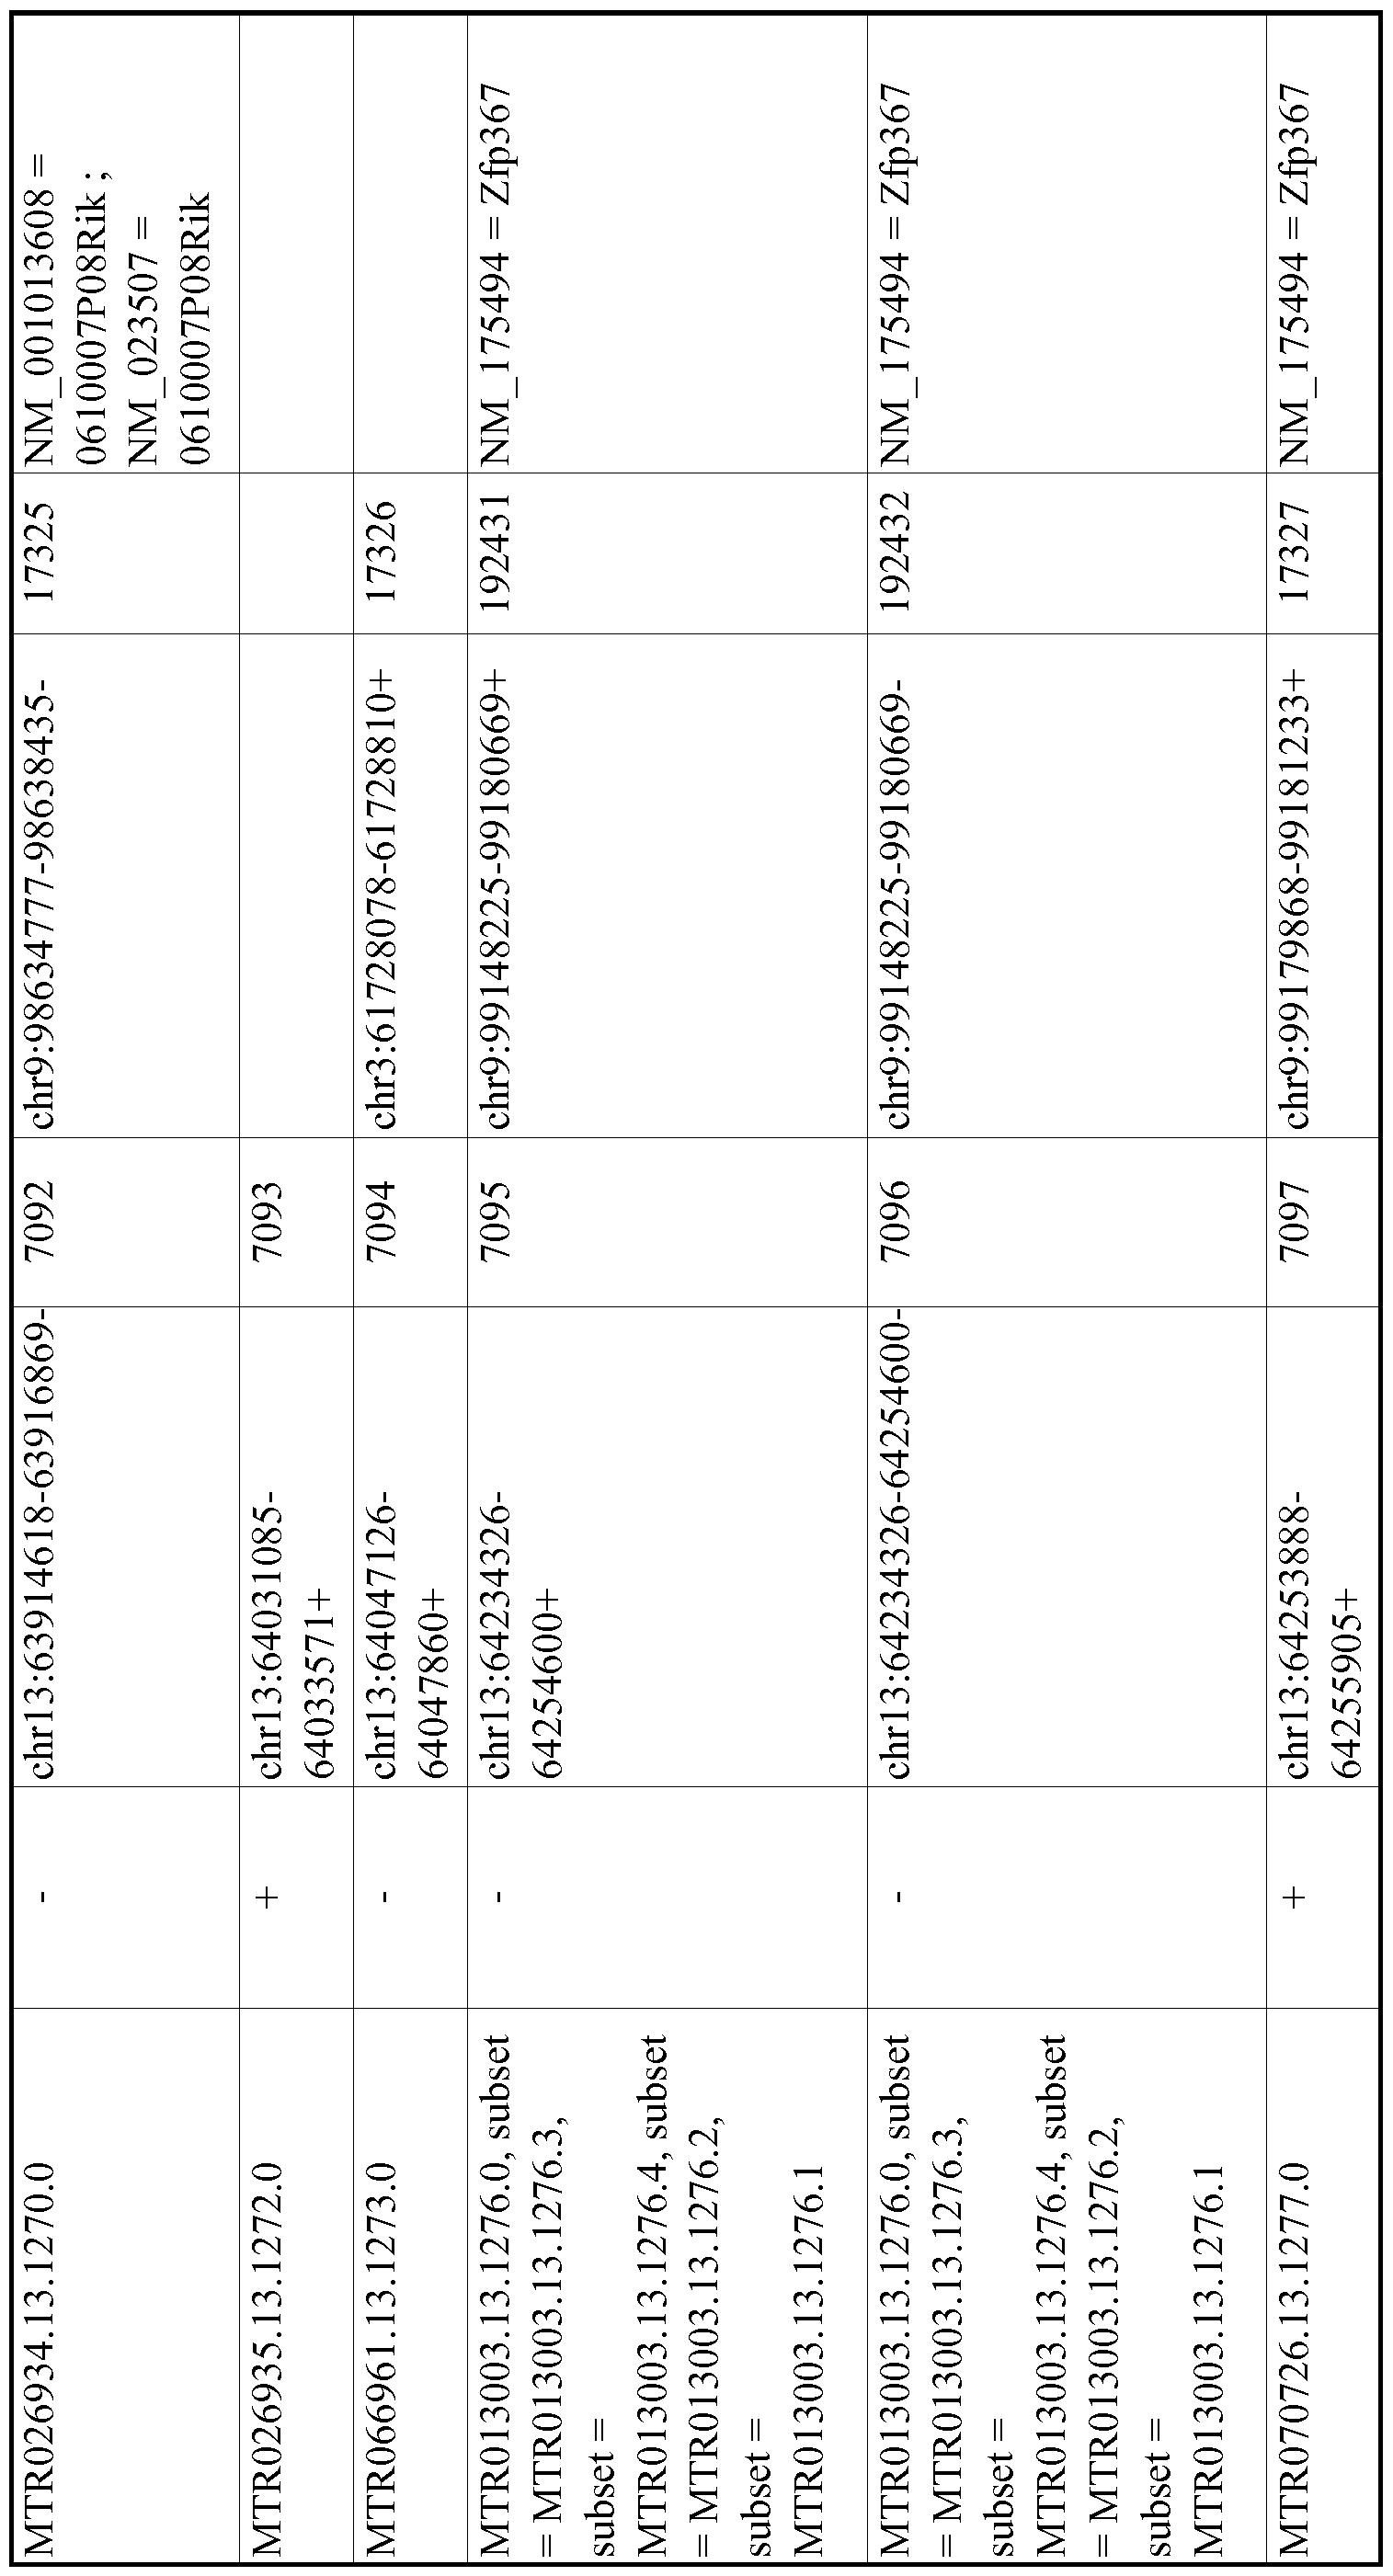 Figure imgf001248_0001